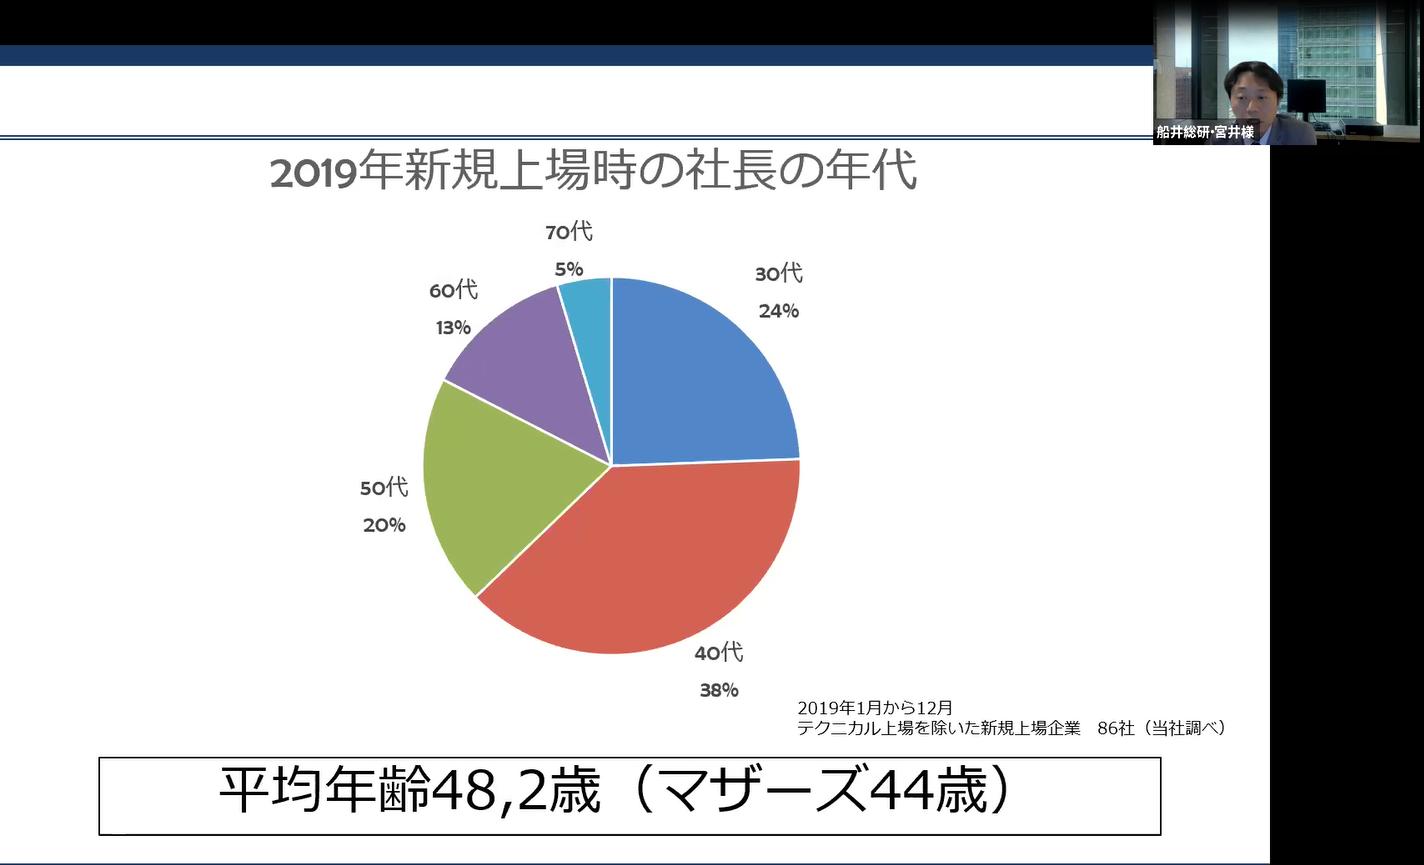 2019年新規上場時の社長の年代(船井総研調べ)